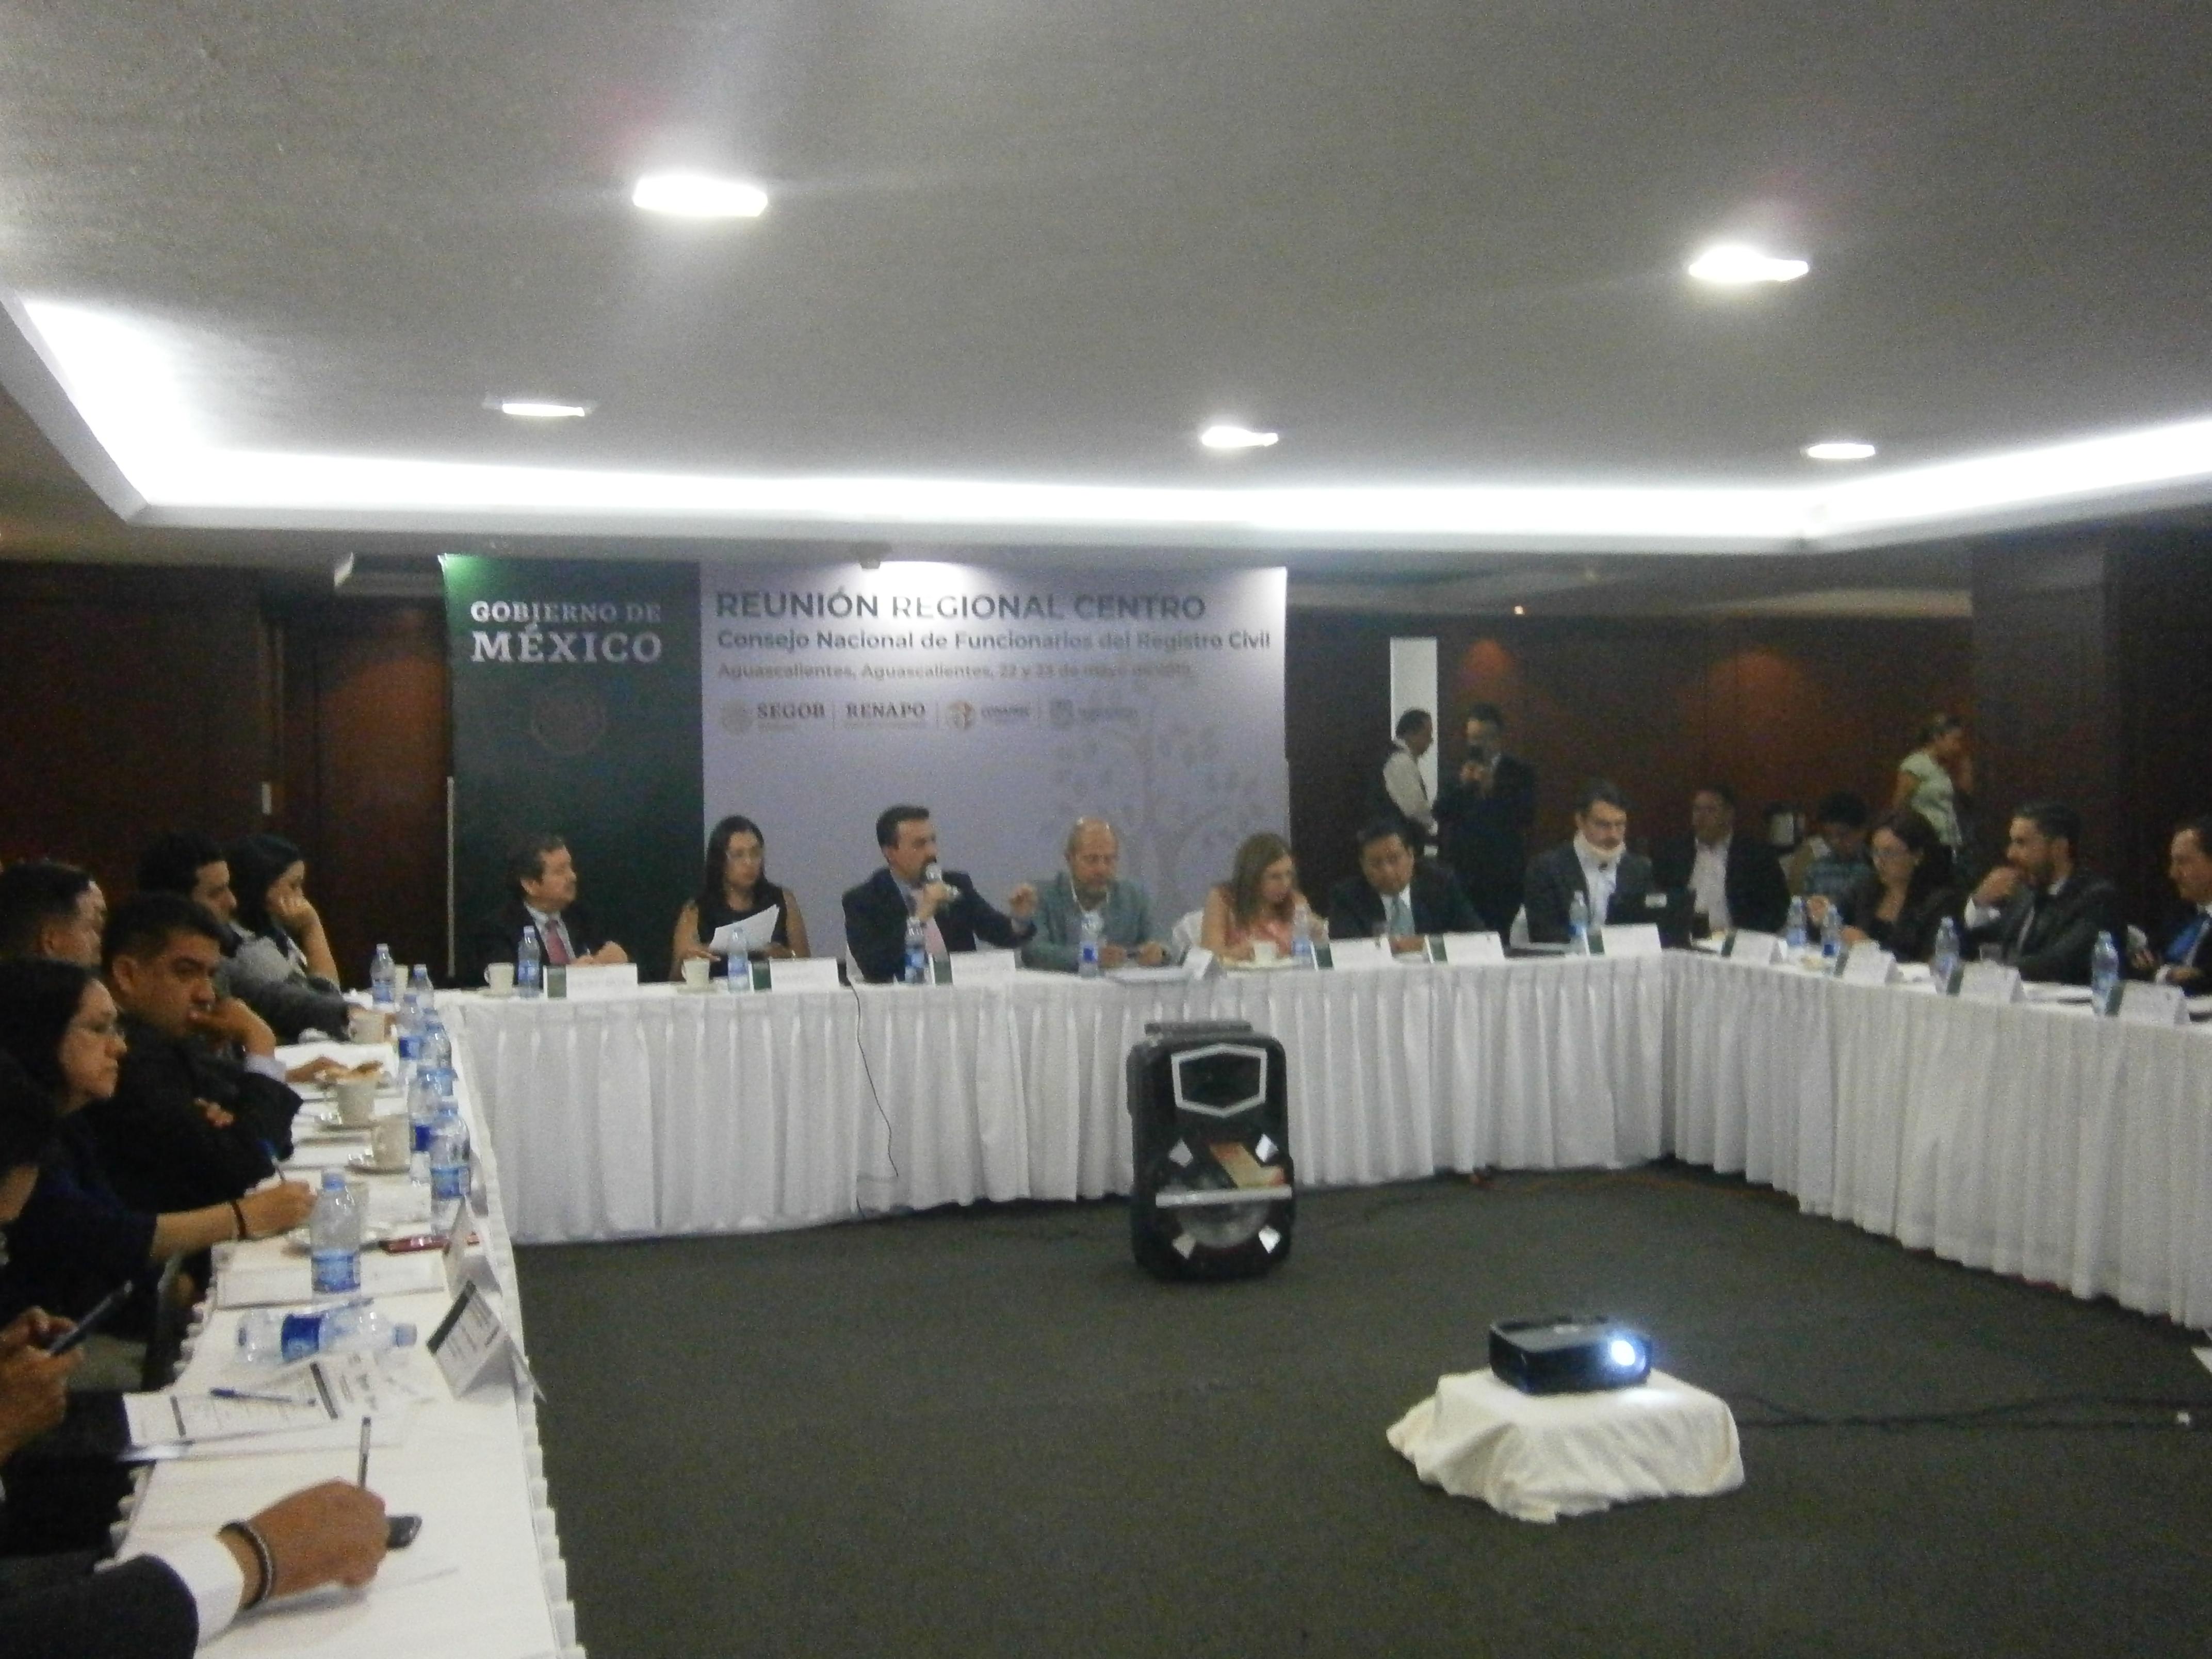 Consejo Nacional de Funcionarios del Registro Civil, Región Centro 22 y 23 de mayo, Ciudad de Aguascalientes